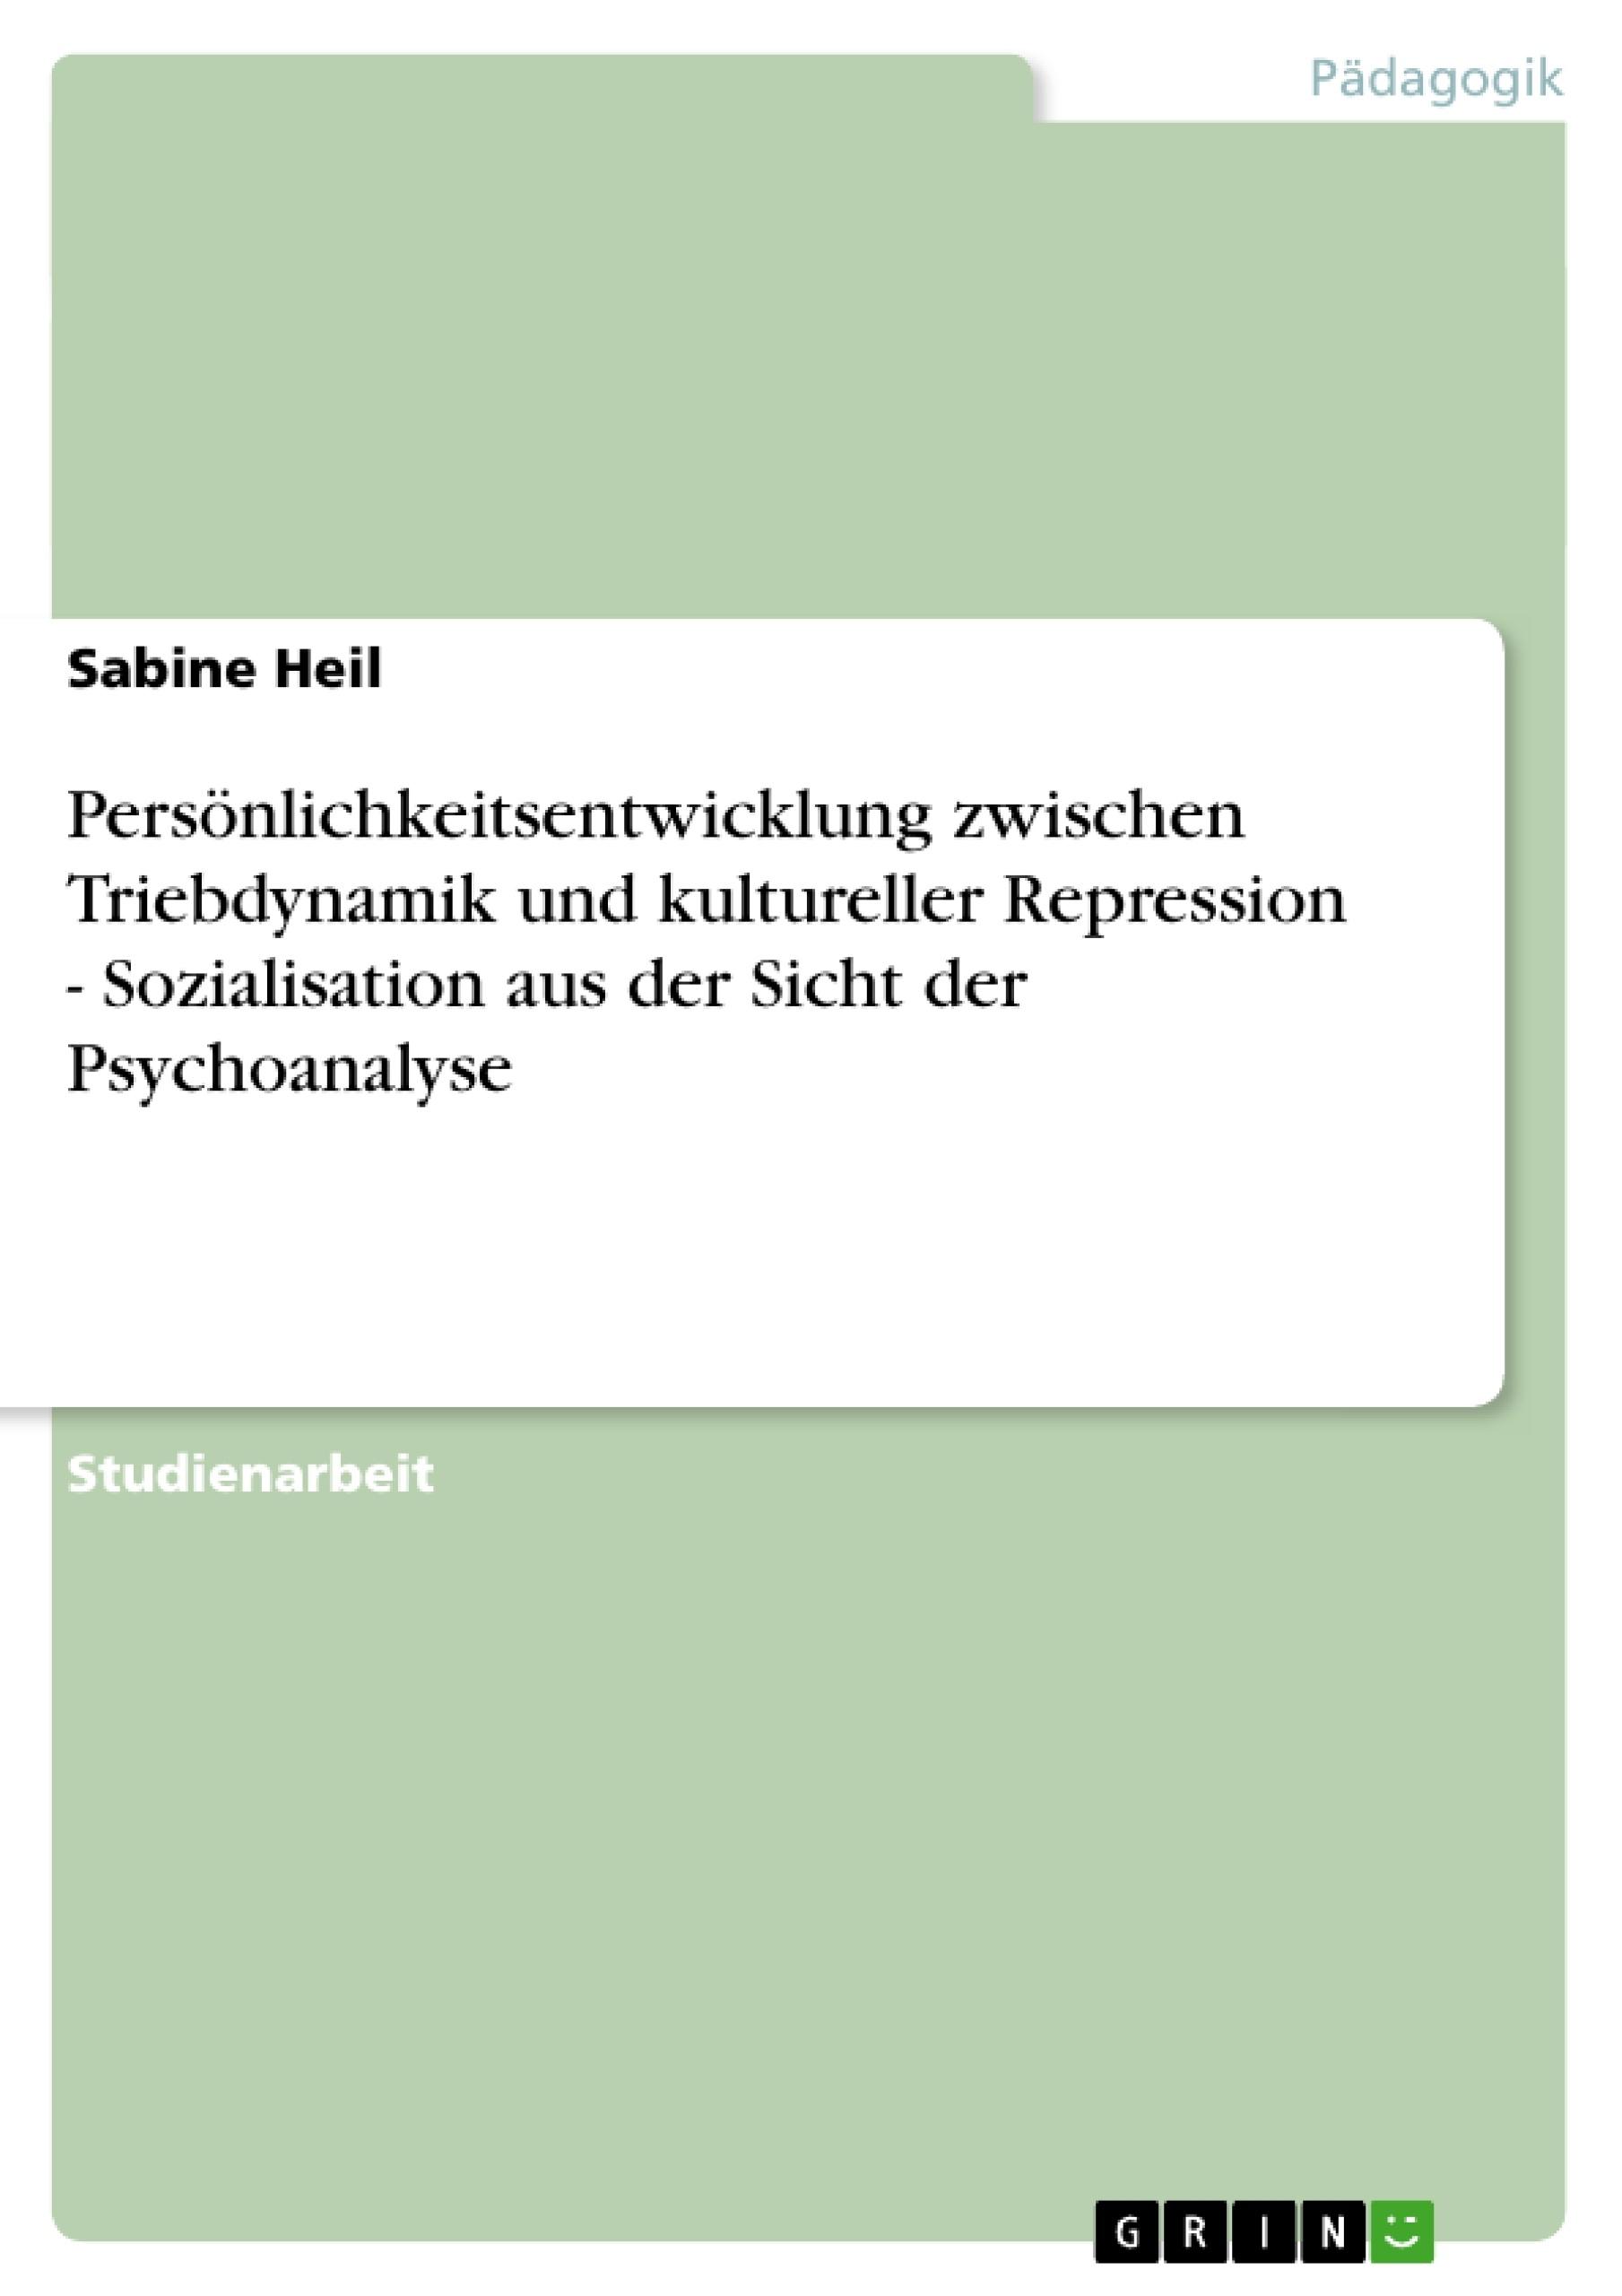 Titel: Persönlichkeitsentwicklung zwischen Triebdynamik und kultureller Repression - Sozialisation aus der Sicht der Psychoanalyse